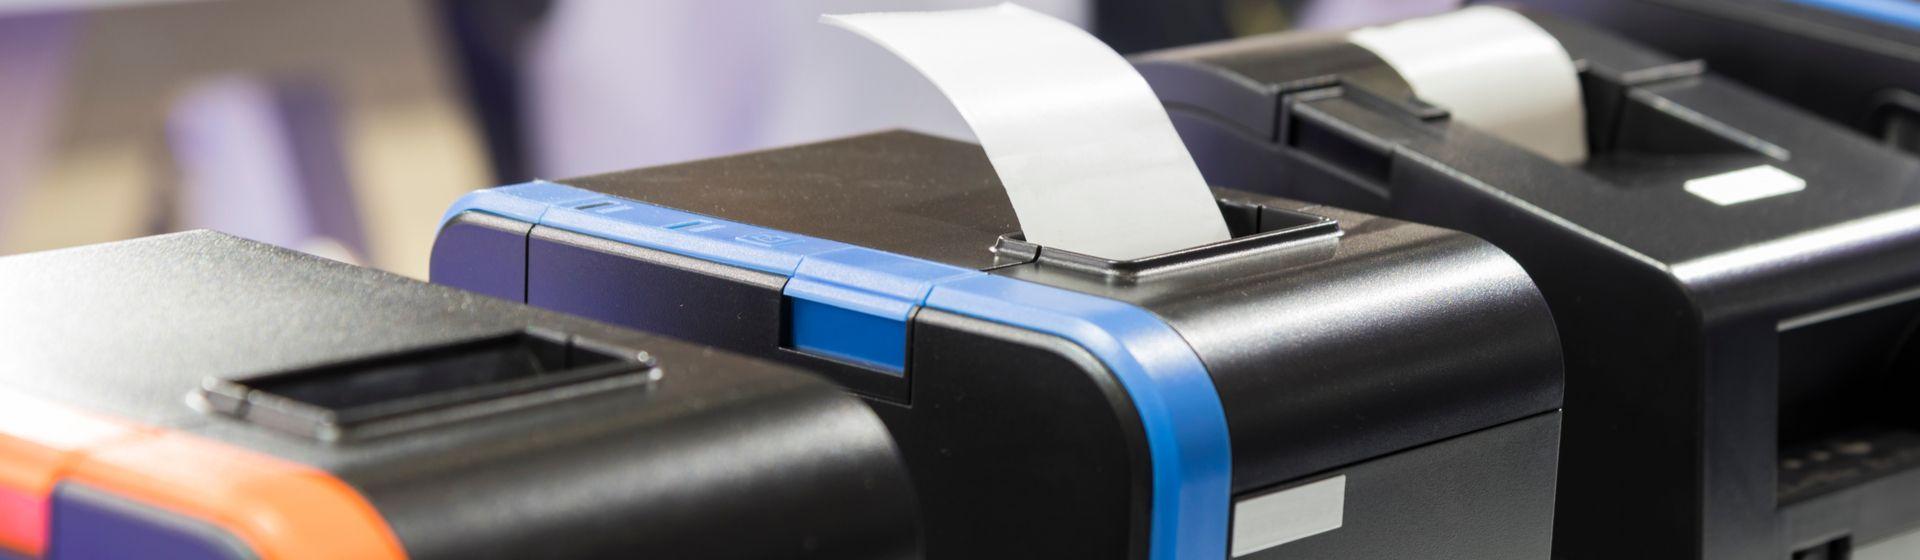 Melhor impressora térmica em 2021